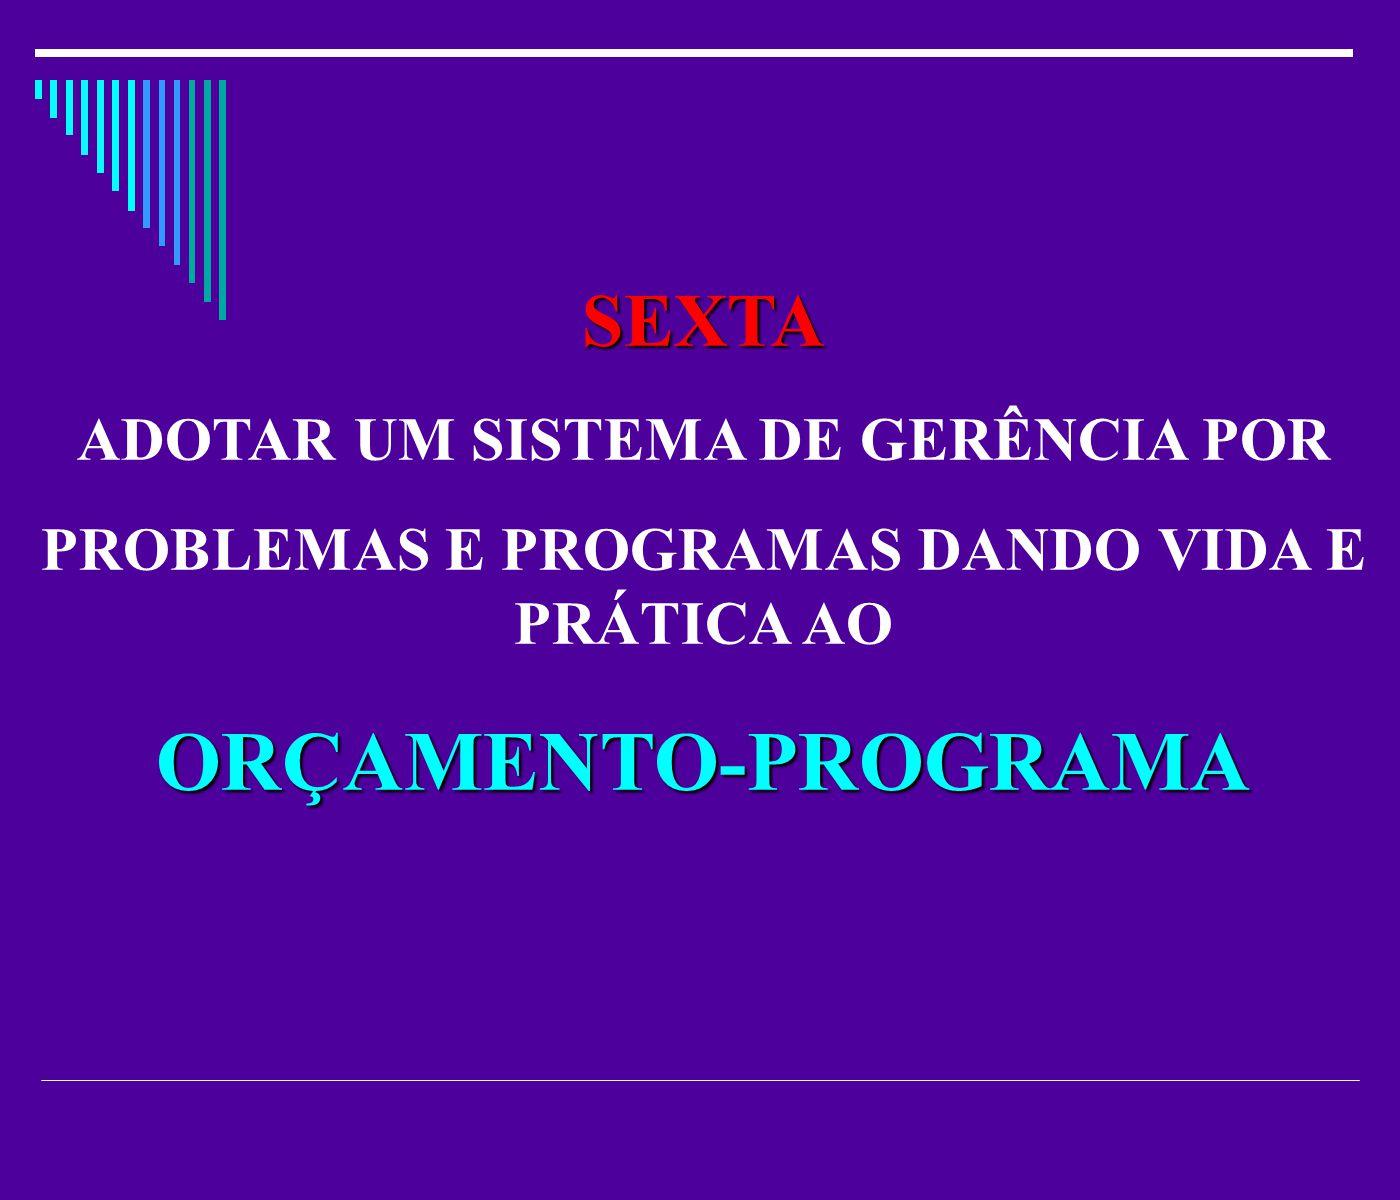 SEXTA ADOTAR UM SISTEMA DE GERÊNCIA POR PROBLEMAS E PROGRAMAS DANDO VIDA E PRÁTICA AOORÇAMENTO-PROGRAMA